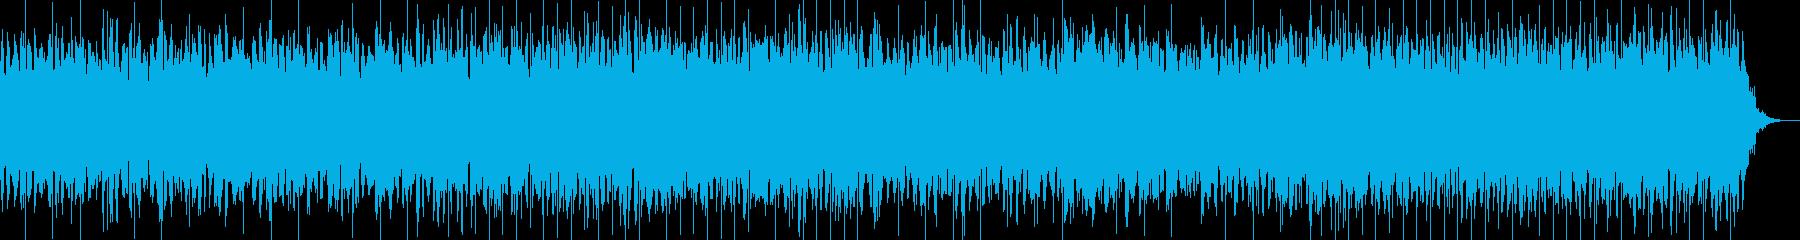 アーバンでドリーミーなシンセBGMの再生済みの波形